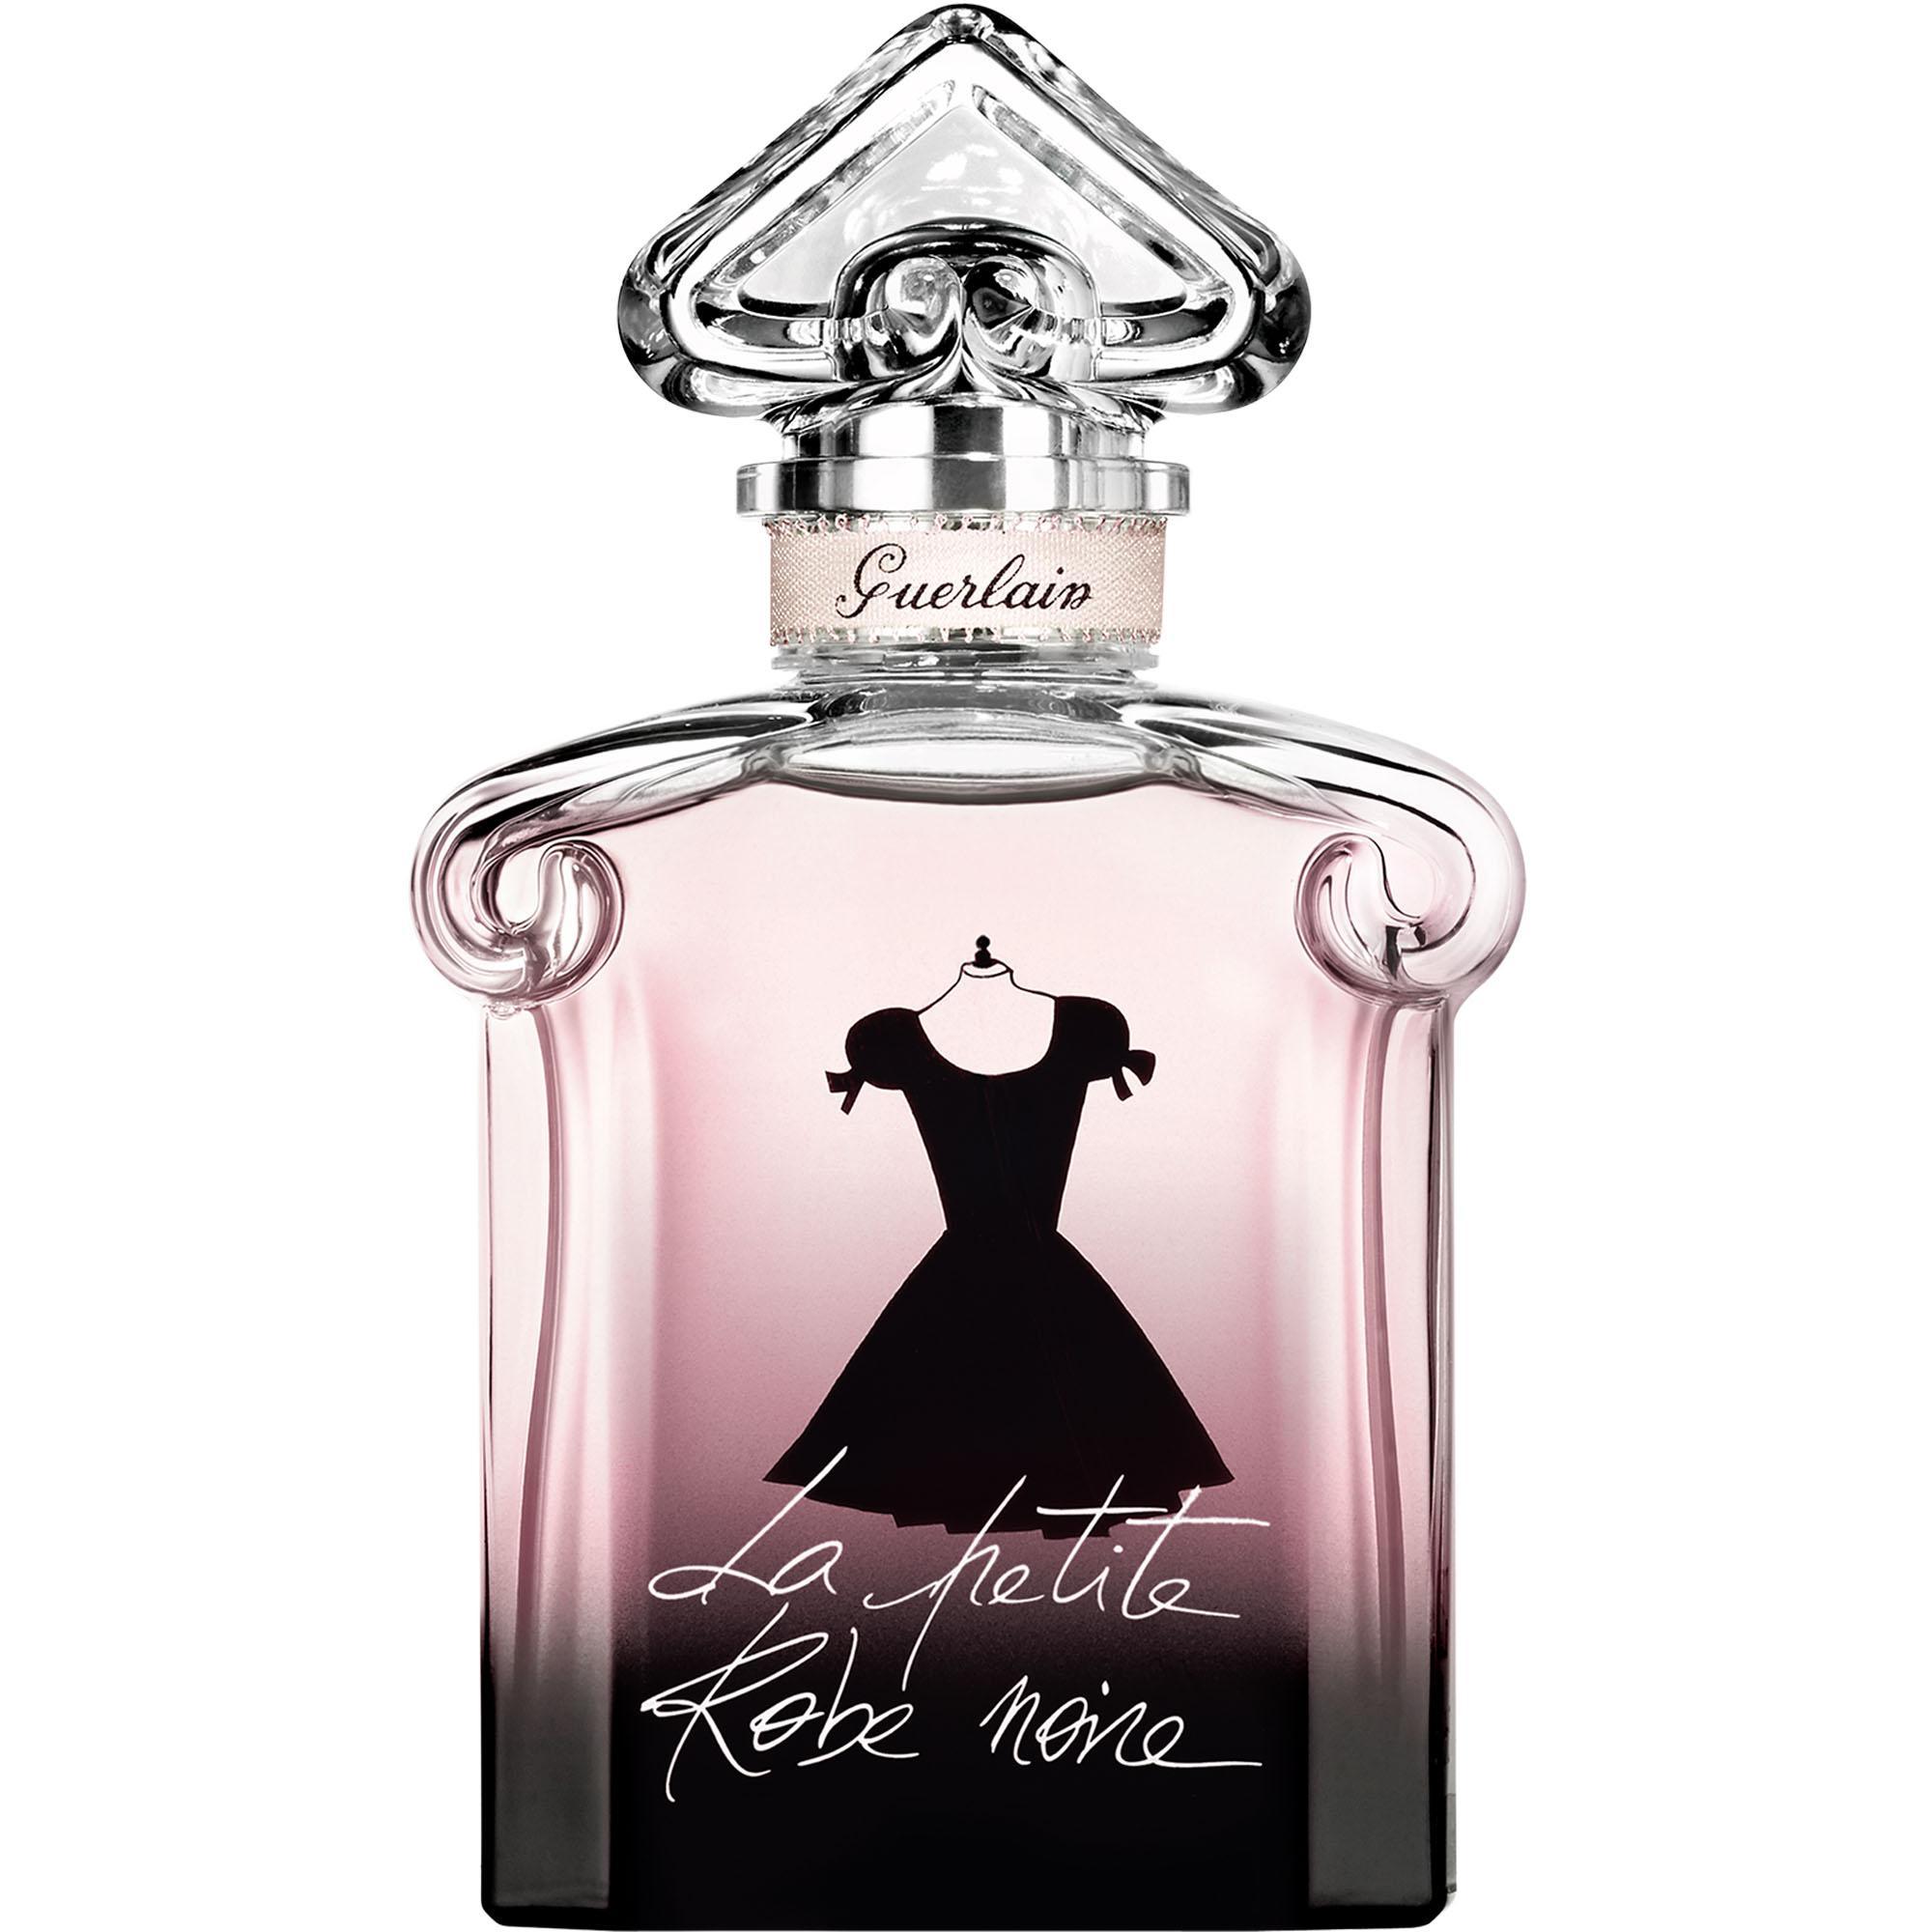 La robe noir parfum